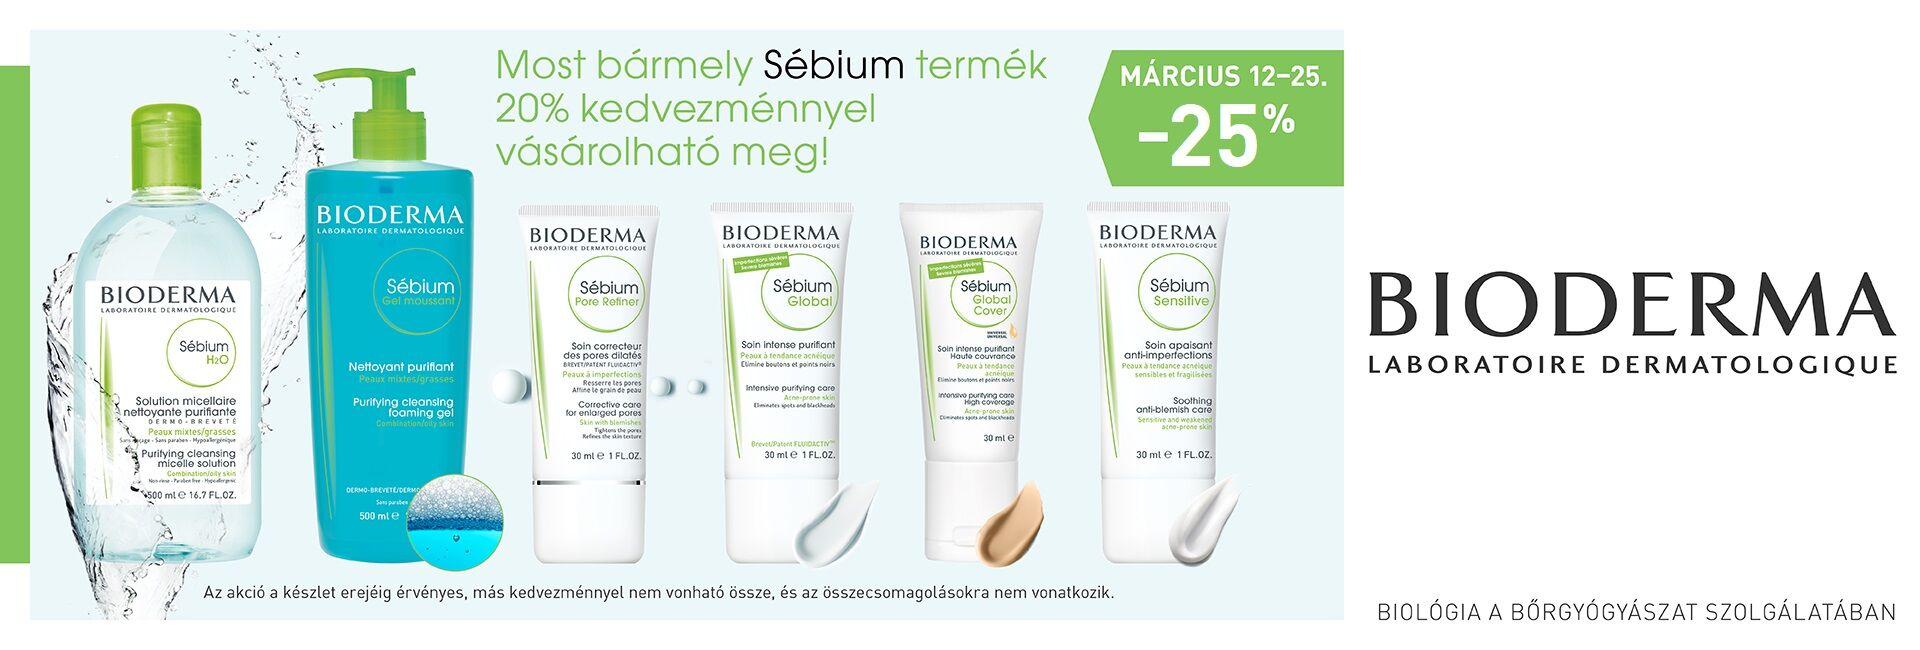 2018. március 12-25. között minden Bioderma Sébium termékre 25% kedvezményt adunk!